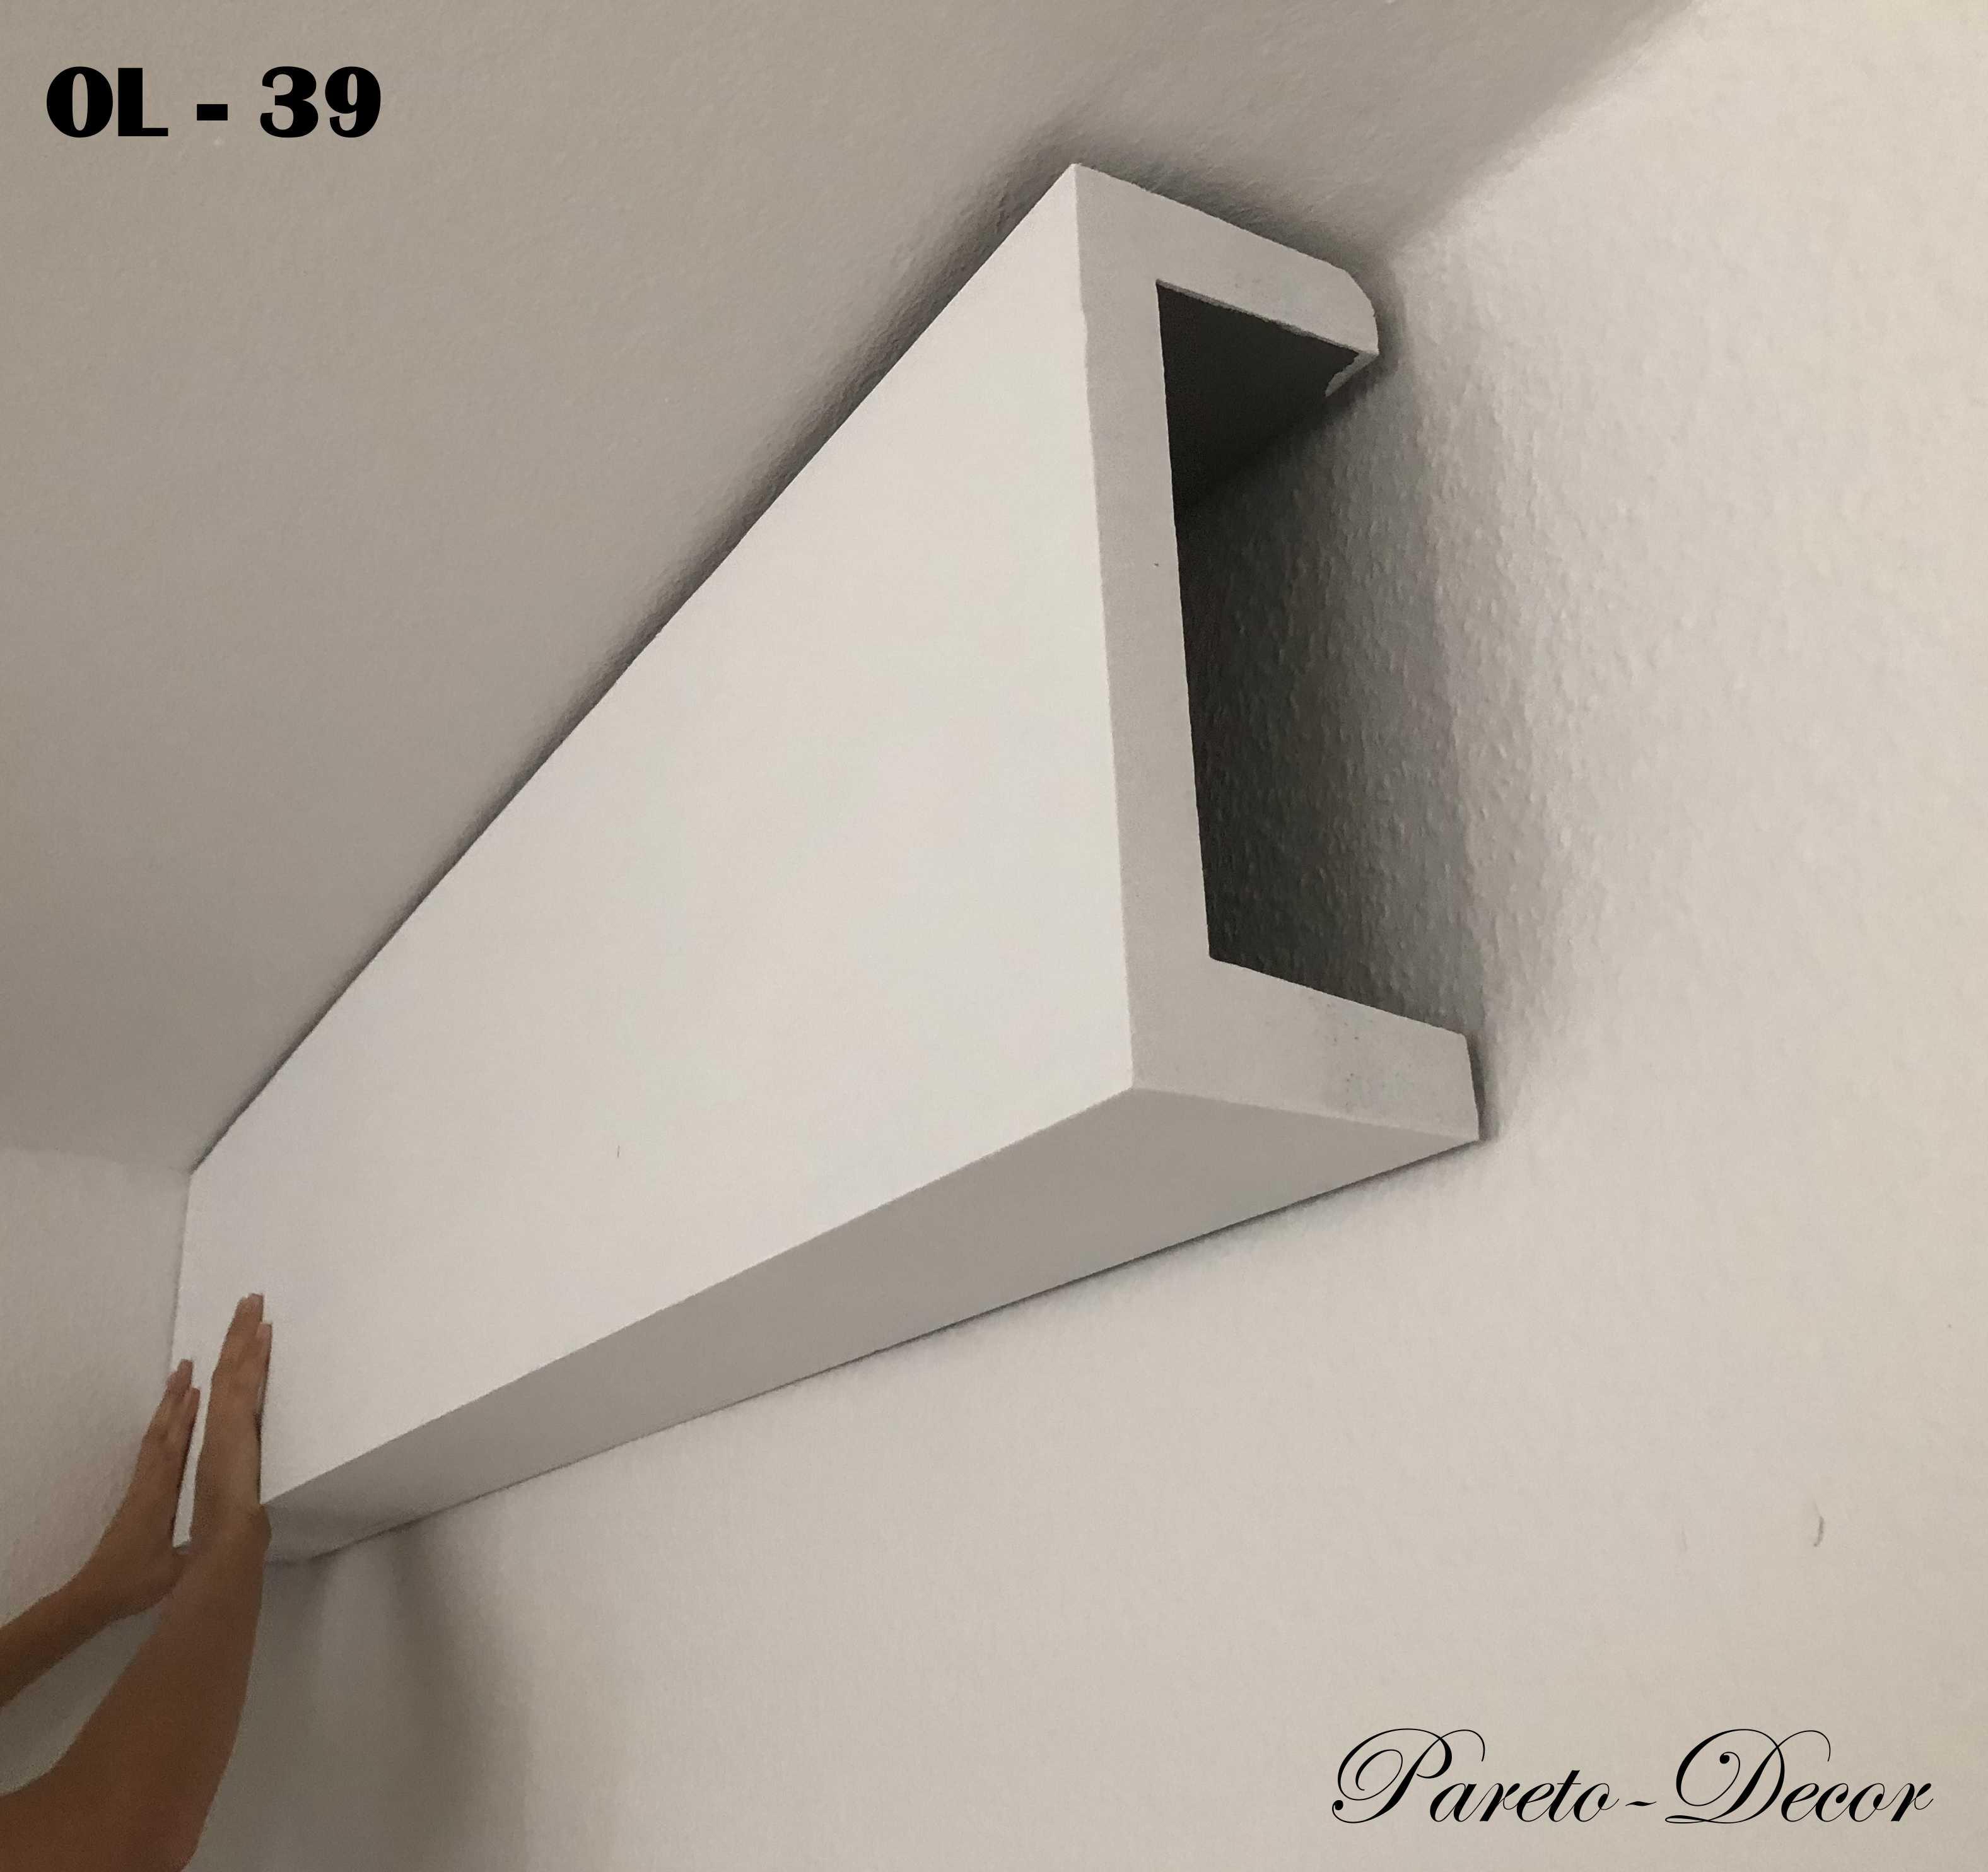 7 Meter LED Licht Bebauung Stuckleiste für indirekte Beleuchtung XPS OL-18